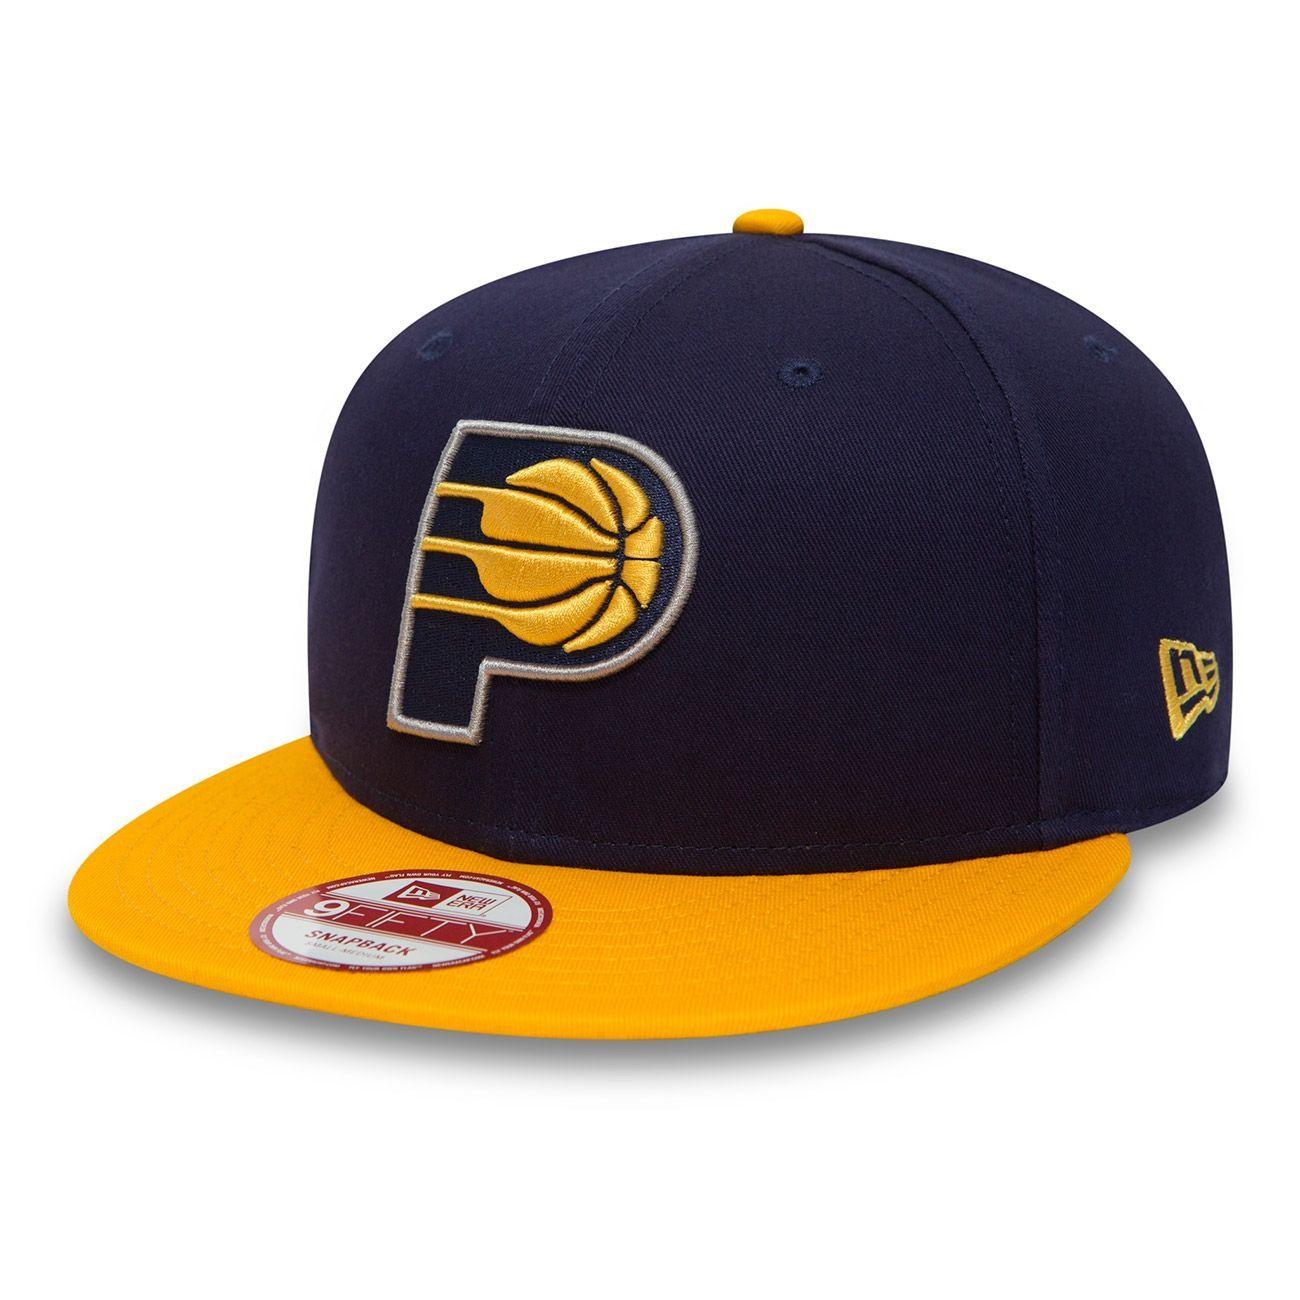 san francisco 7bb87 1927e New Era Indiana Pacers 2-Tone Team 9FIFTY Snapback NBA Cap M L   TAASS.com  Fan Shop